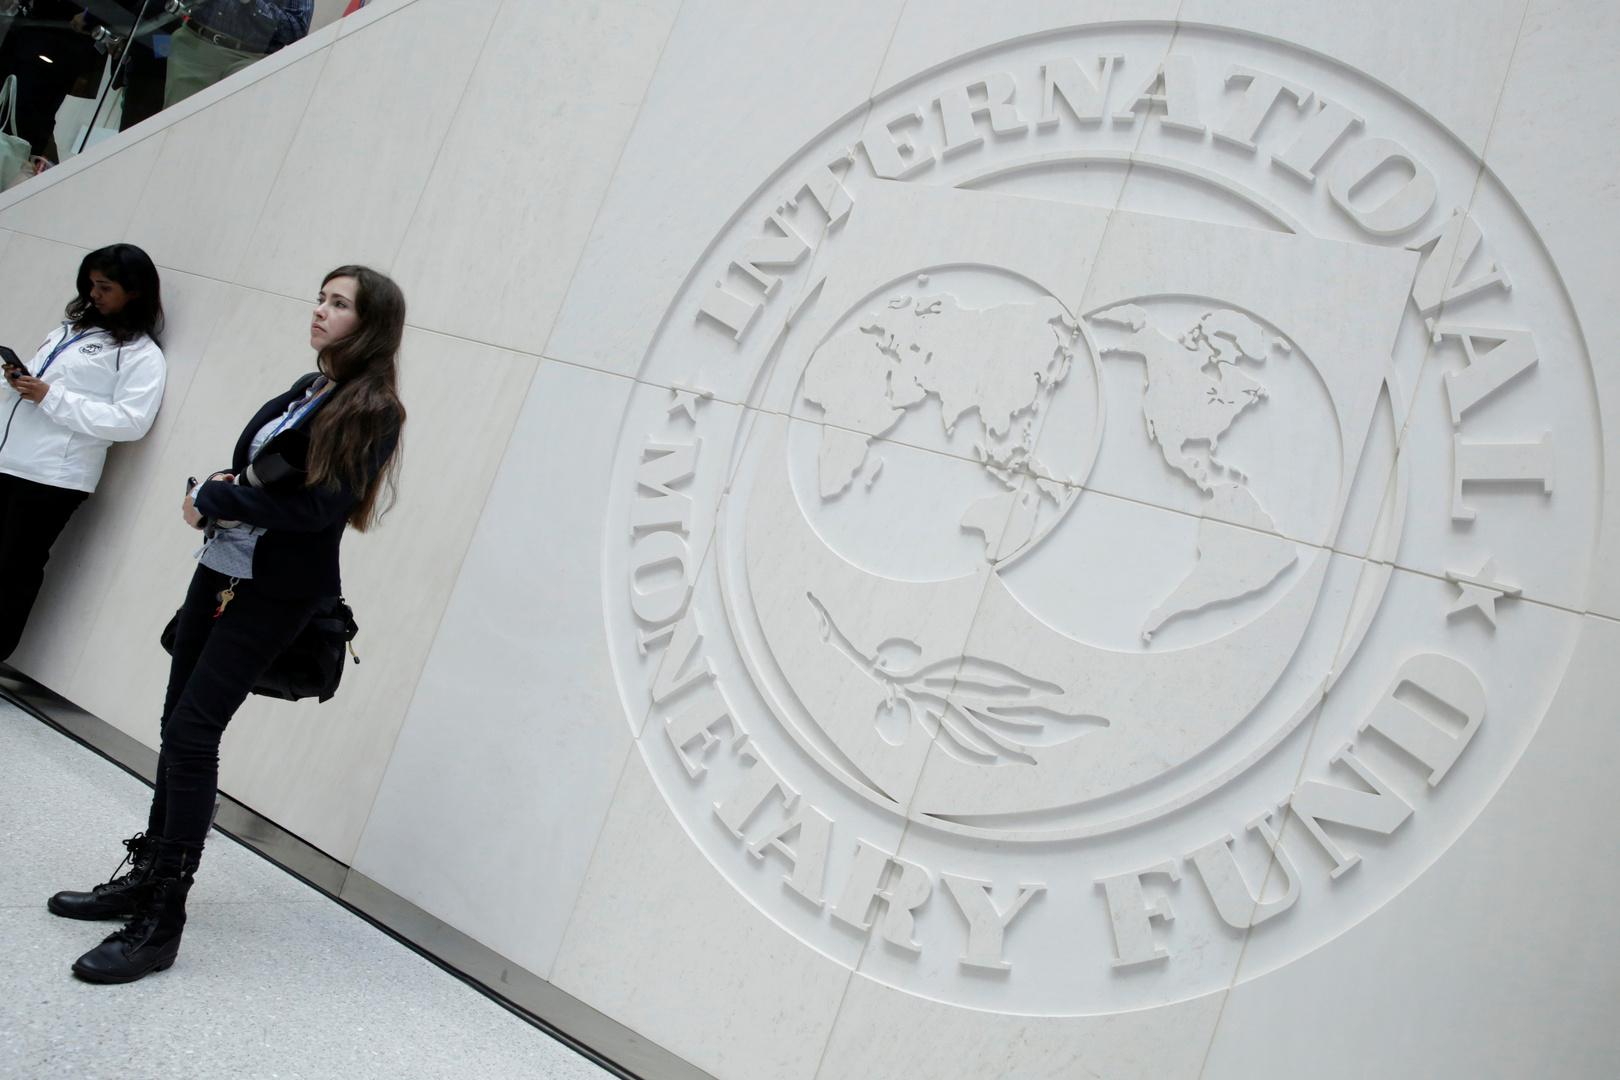 البنك الدولي يوافق على اتفاقية قرض شبكة الأمان الاجتماعي للبنان